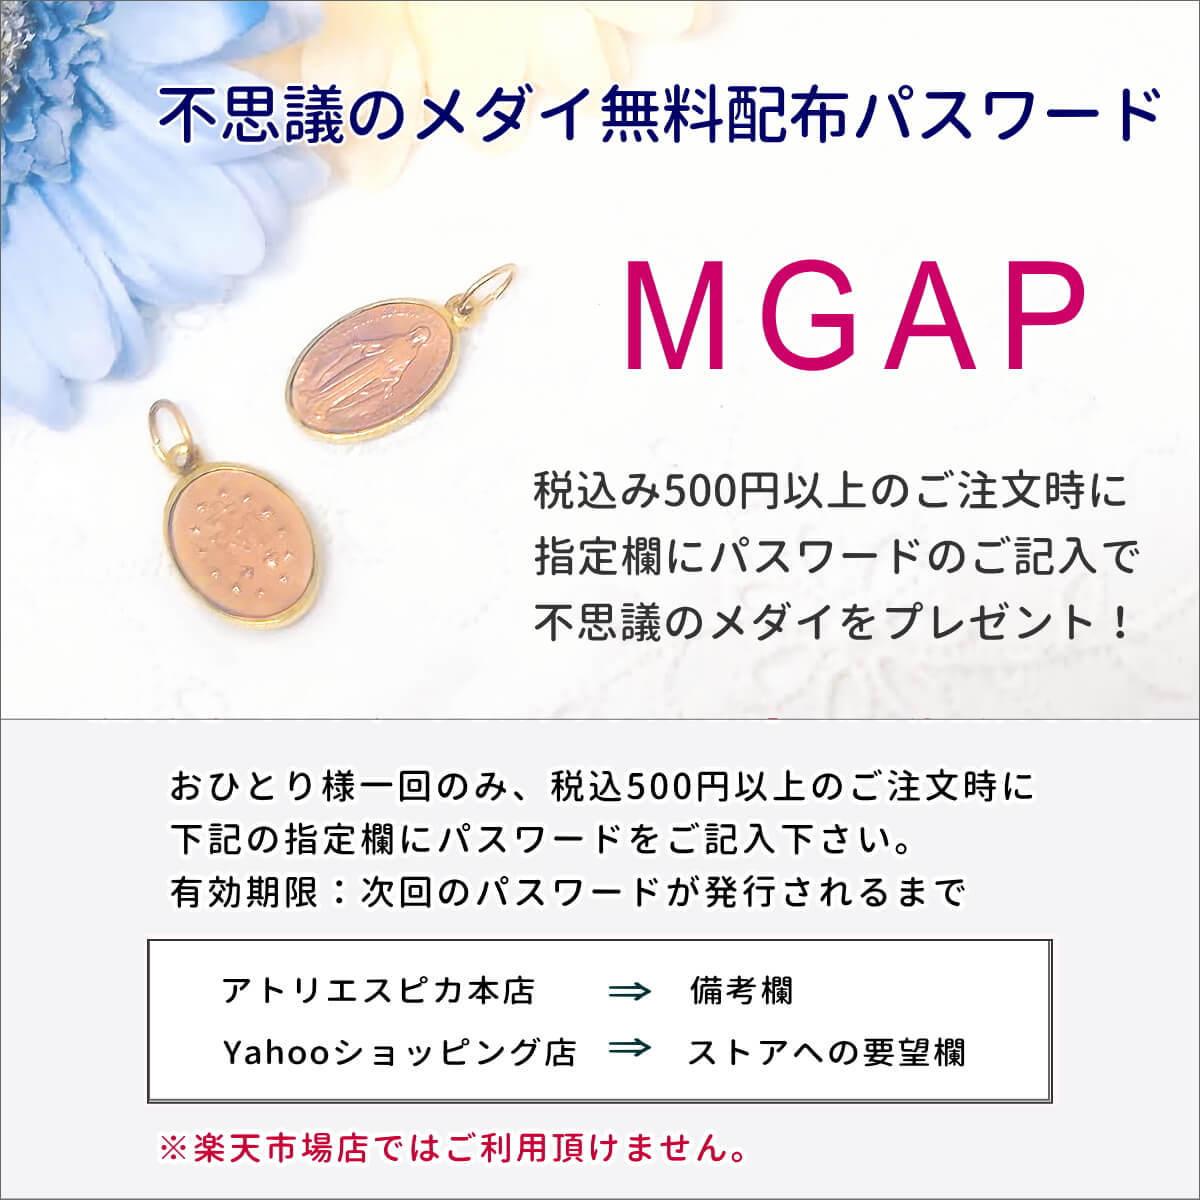 不思議のメダイ配布パスワード【MGAP】